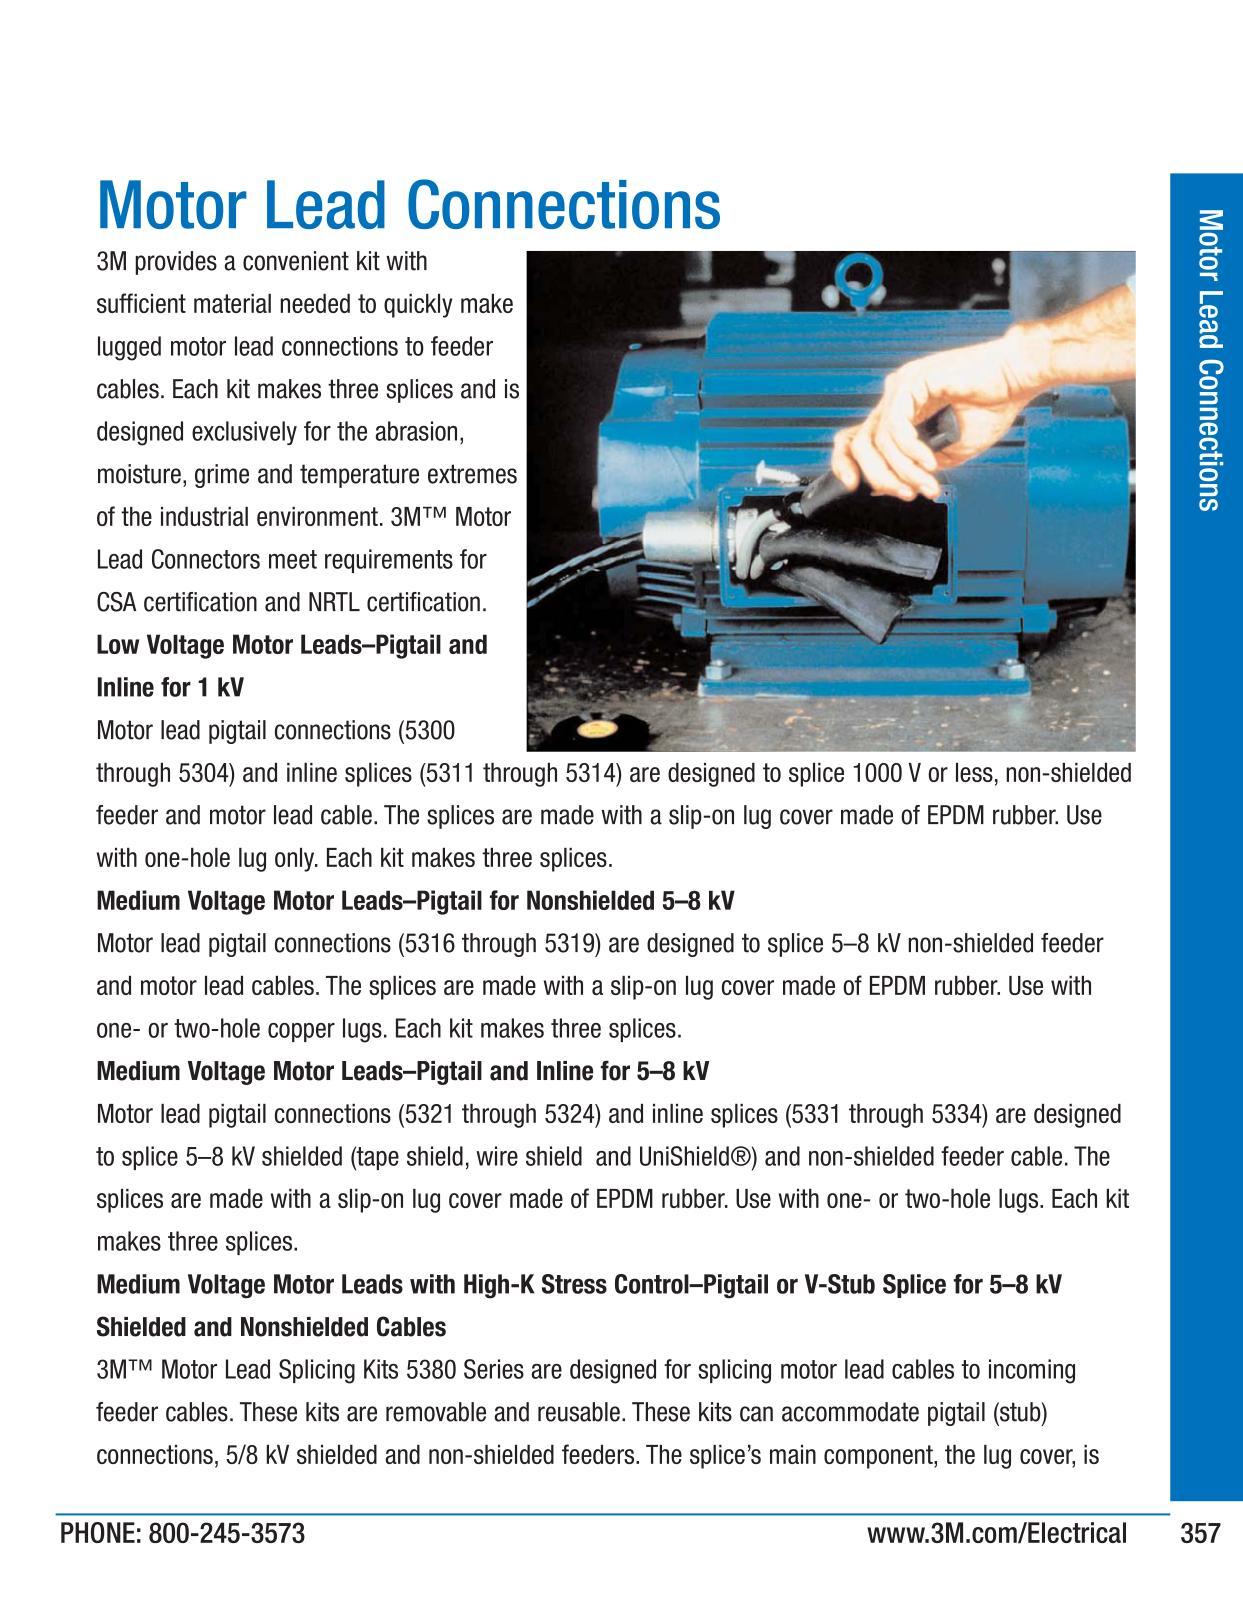 Separable connectors 3m big deal promotion page 355 catalogs xflitez Choice Image